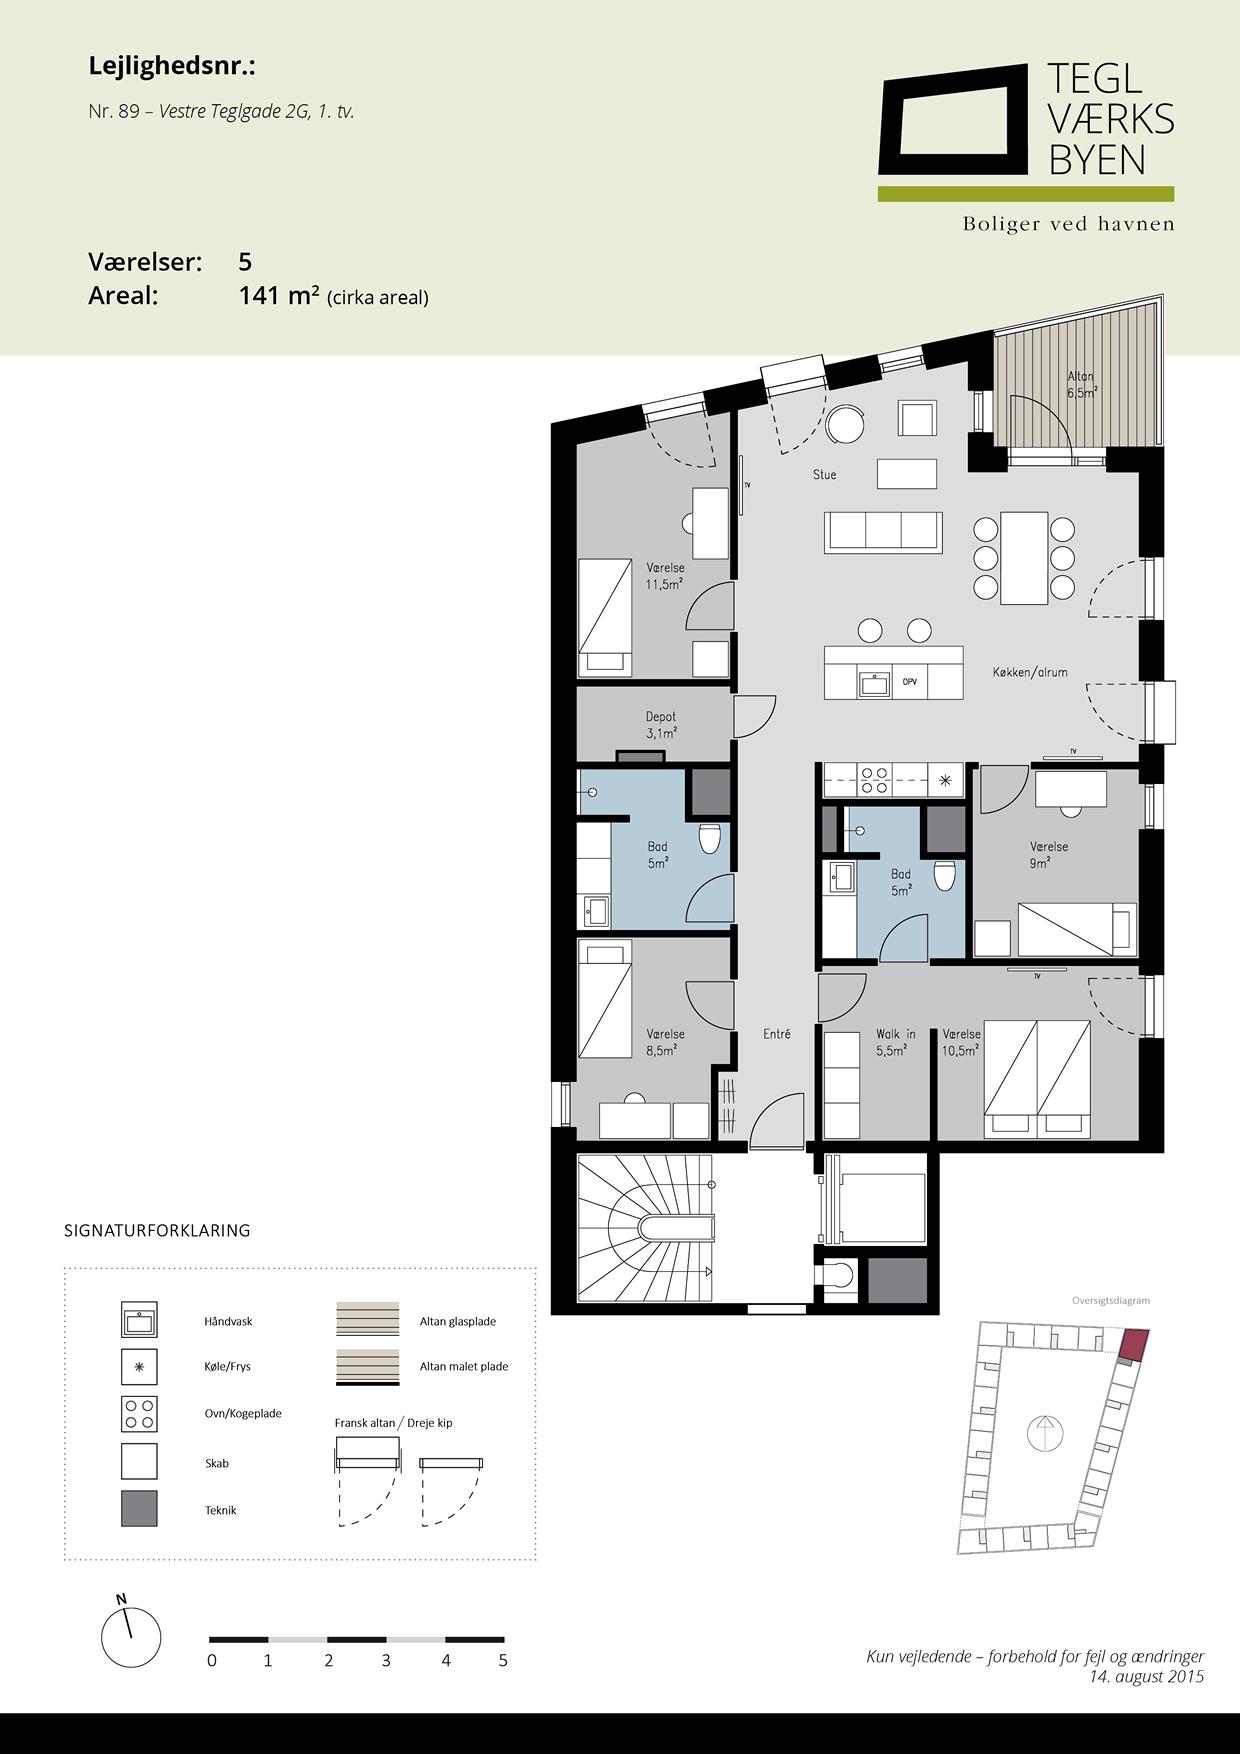 Teglvaerksbyen_89_plan